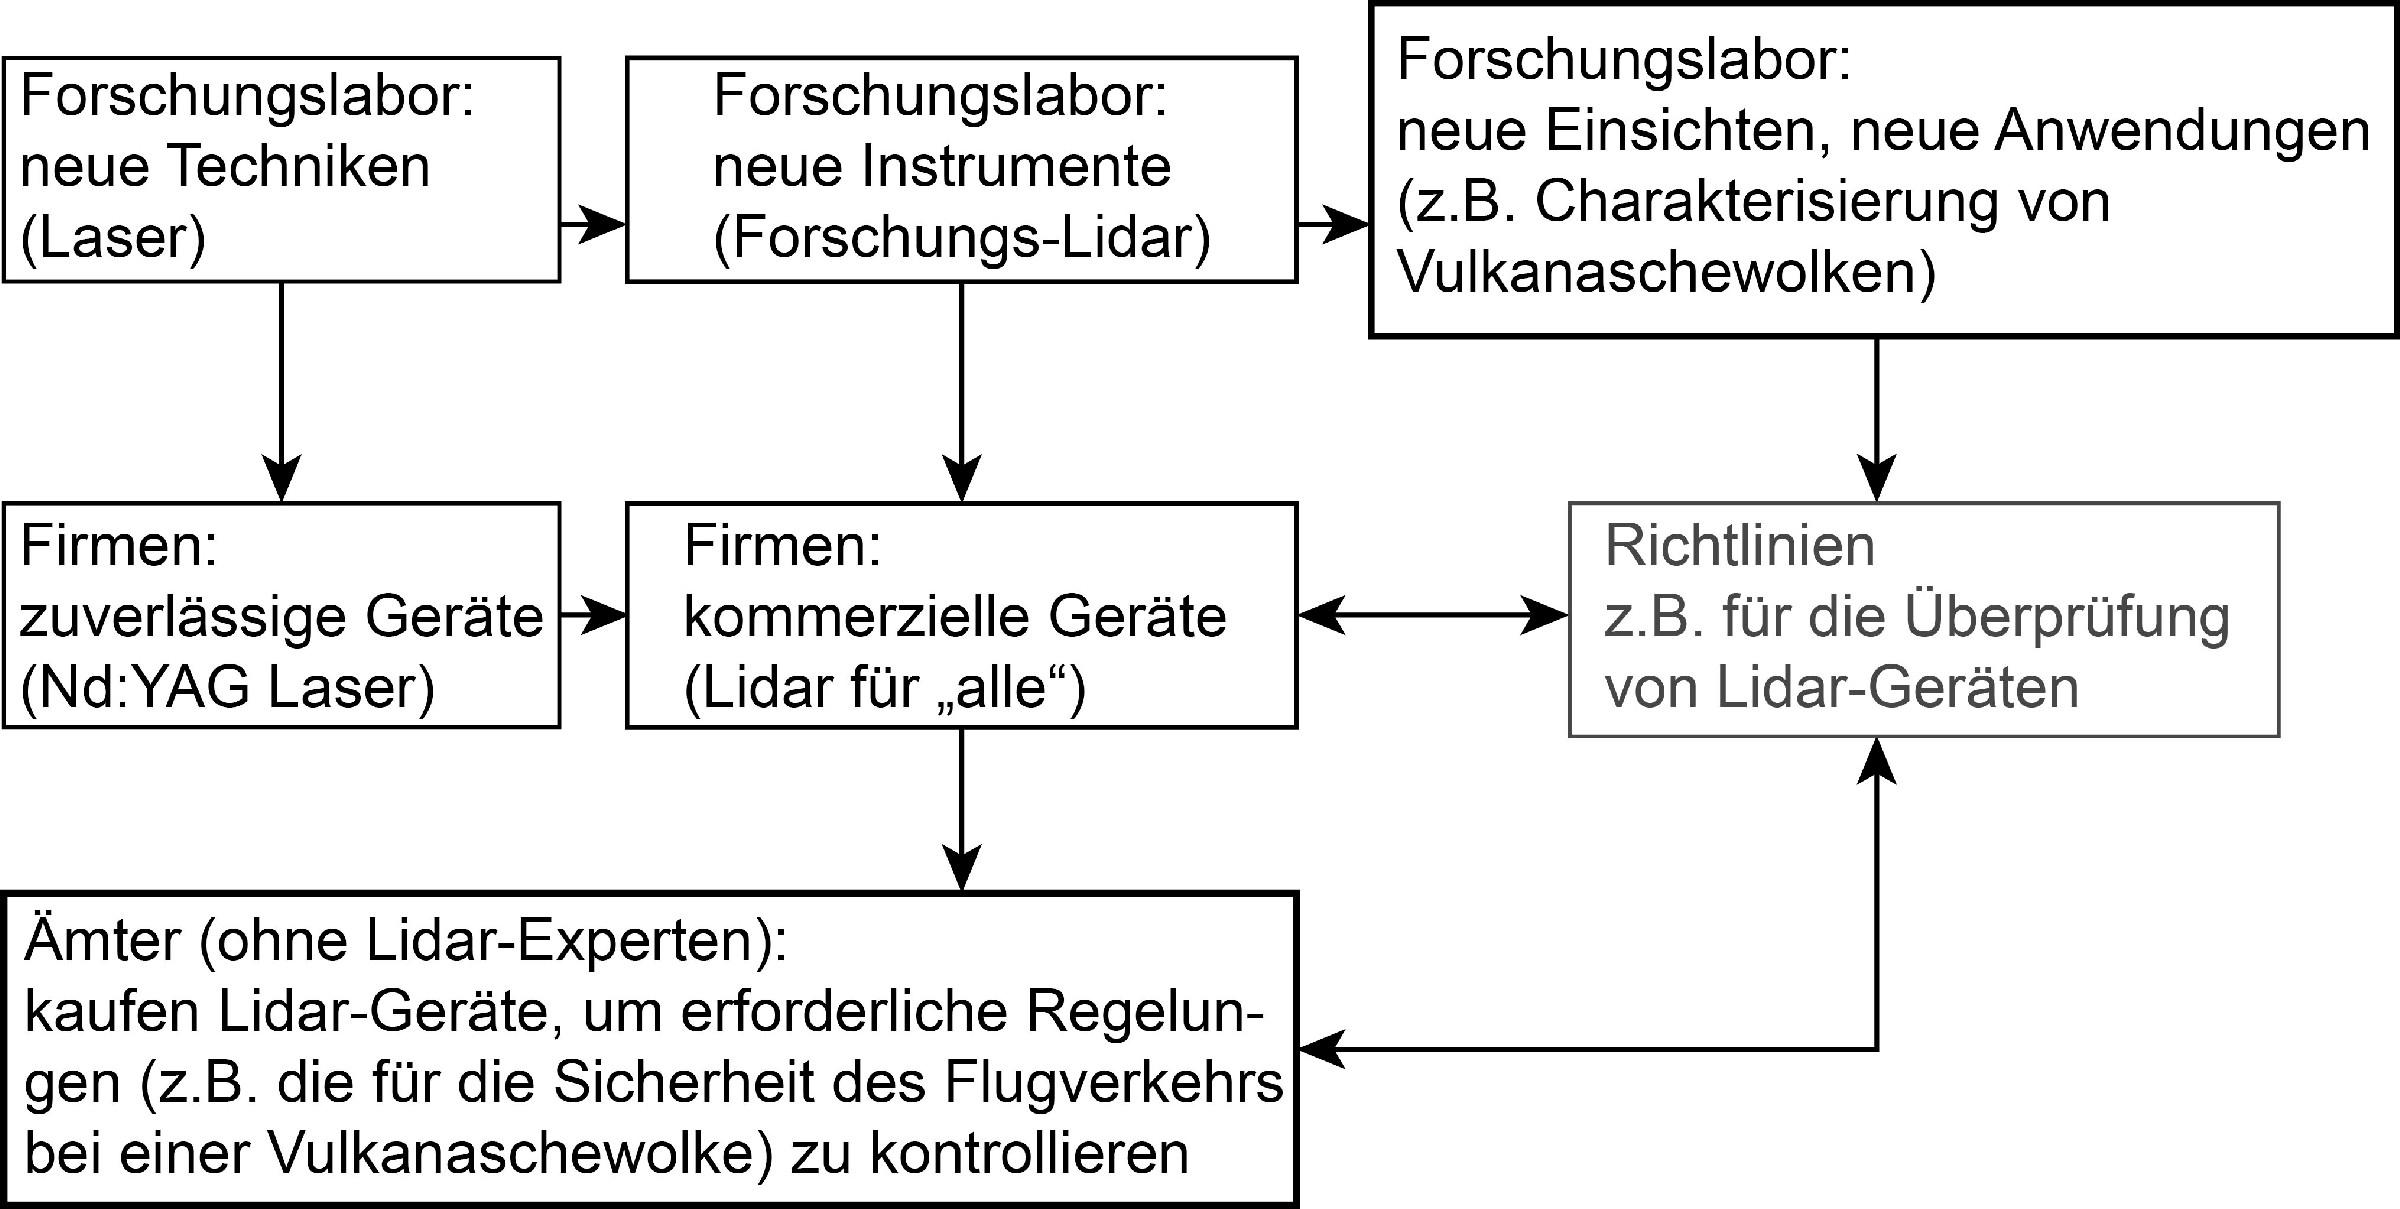 Bild 2. Schematische Darstellung zur Kooperation von Lidar-Wissenschaftlern, -Technikern und -Nutzern, die zur Ausarbeitung von Richtlinien führt. Der Vulkanaschefall ist hier als ein Beispiel gewählt, das die Arbeit an Lidar-Richtlinien verstärkt hat. Quelle: Autoren